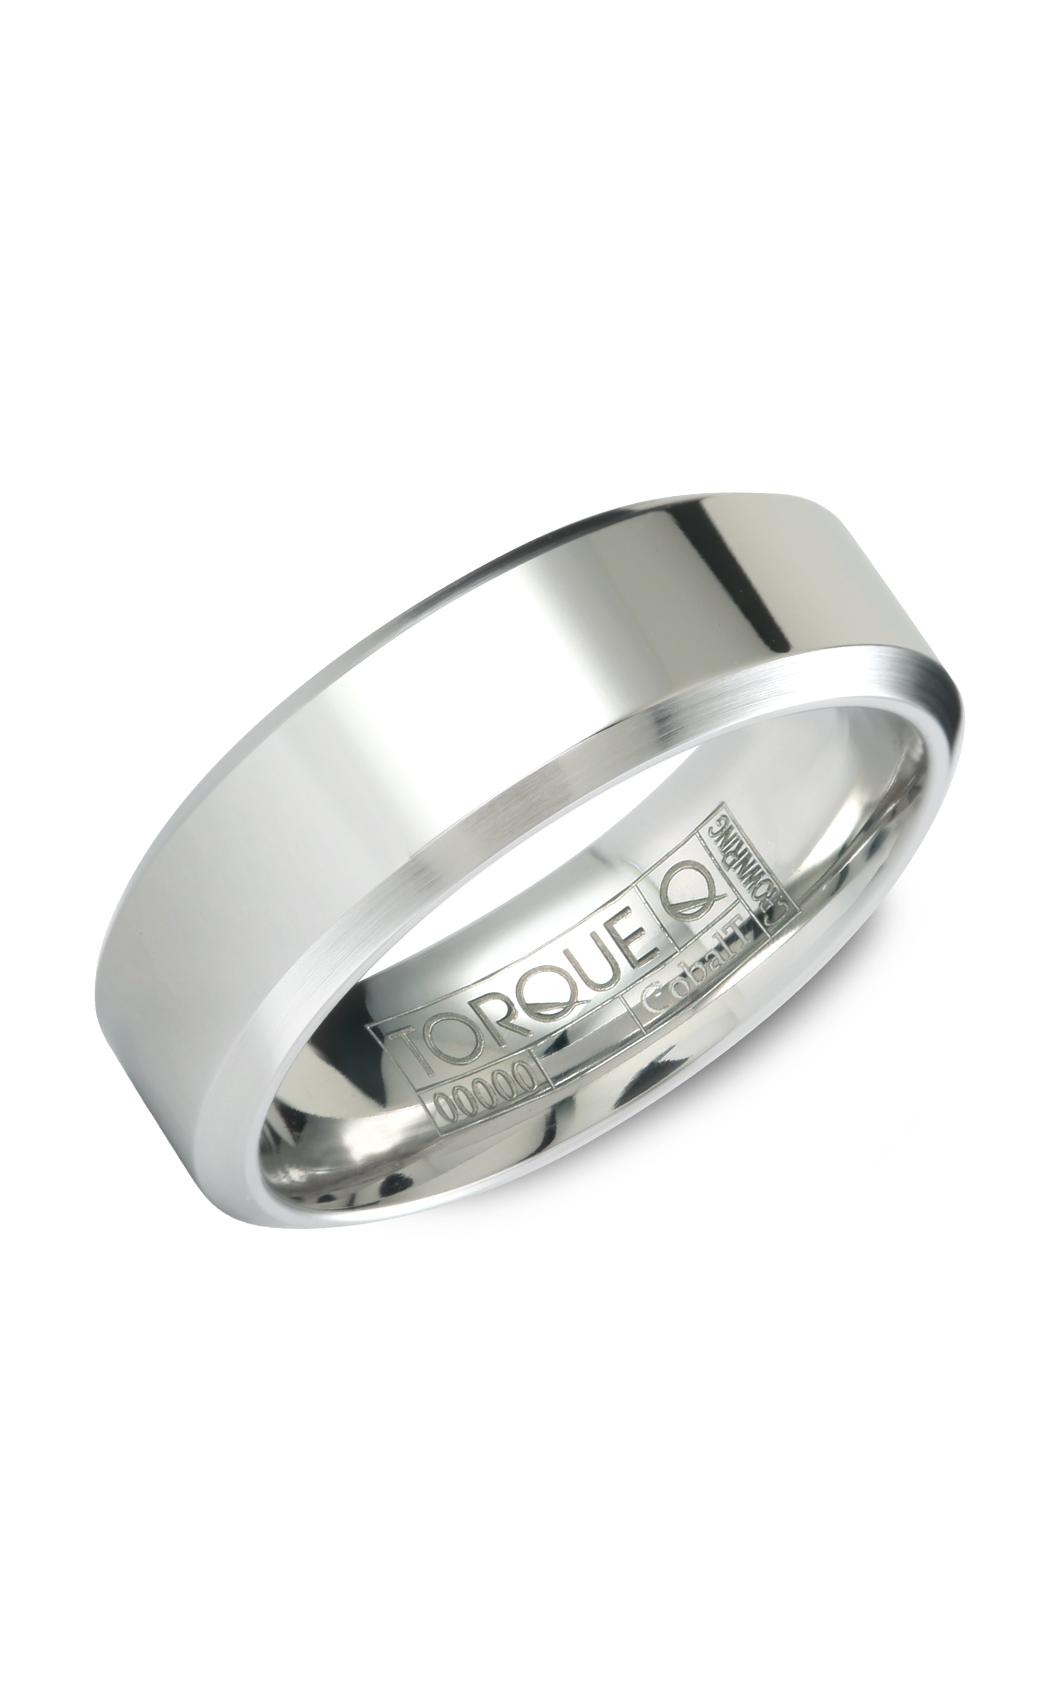 Torque Cobalt CB-7133 product image